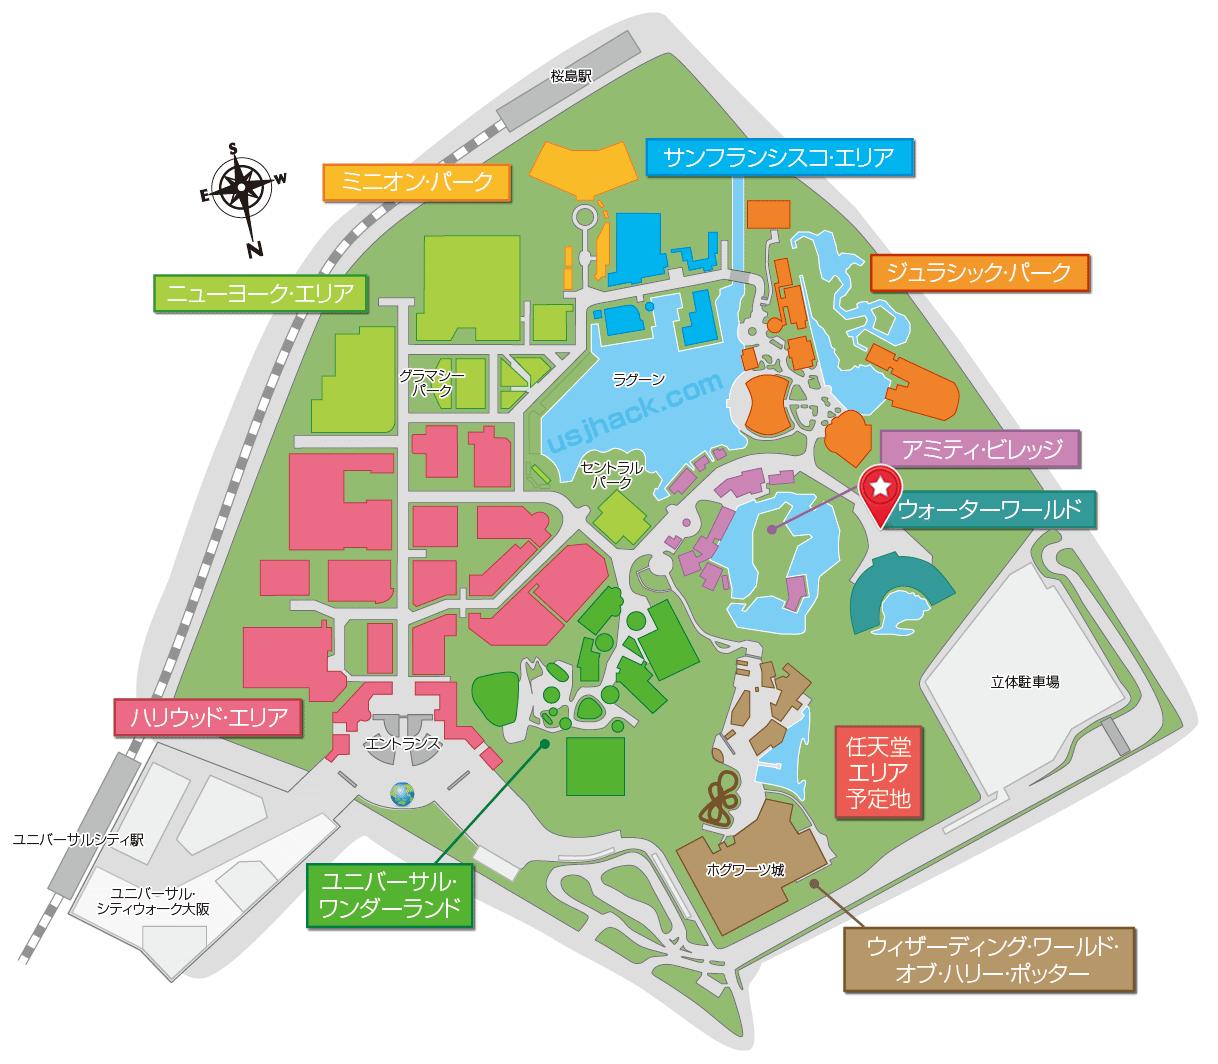 マップで確認するワンピースウォーターバトルの開催場所